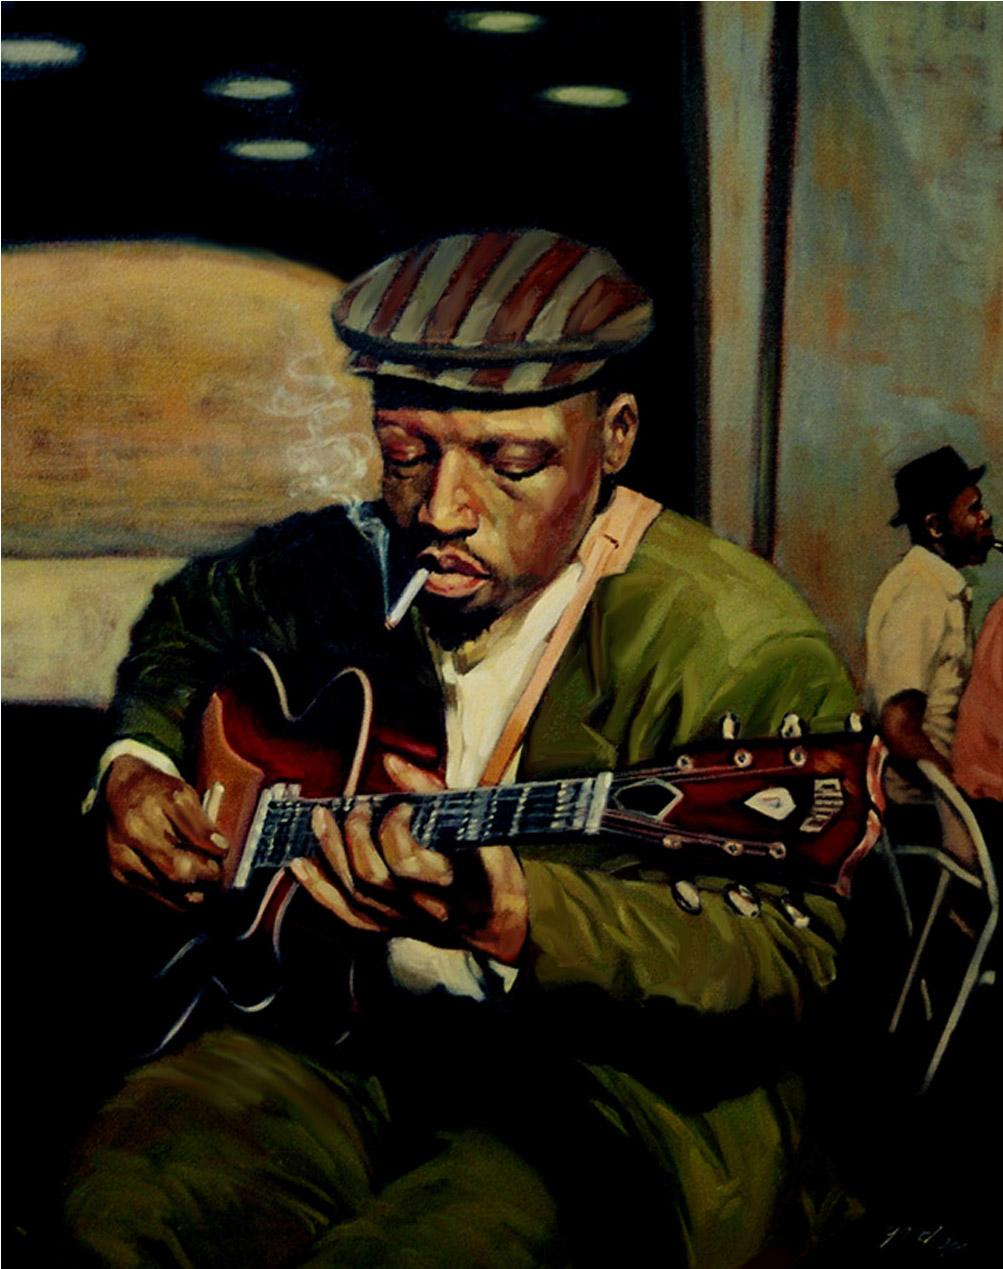 Sideman, oil on canvas, 30 x 24 in.